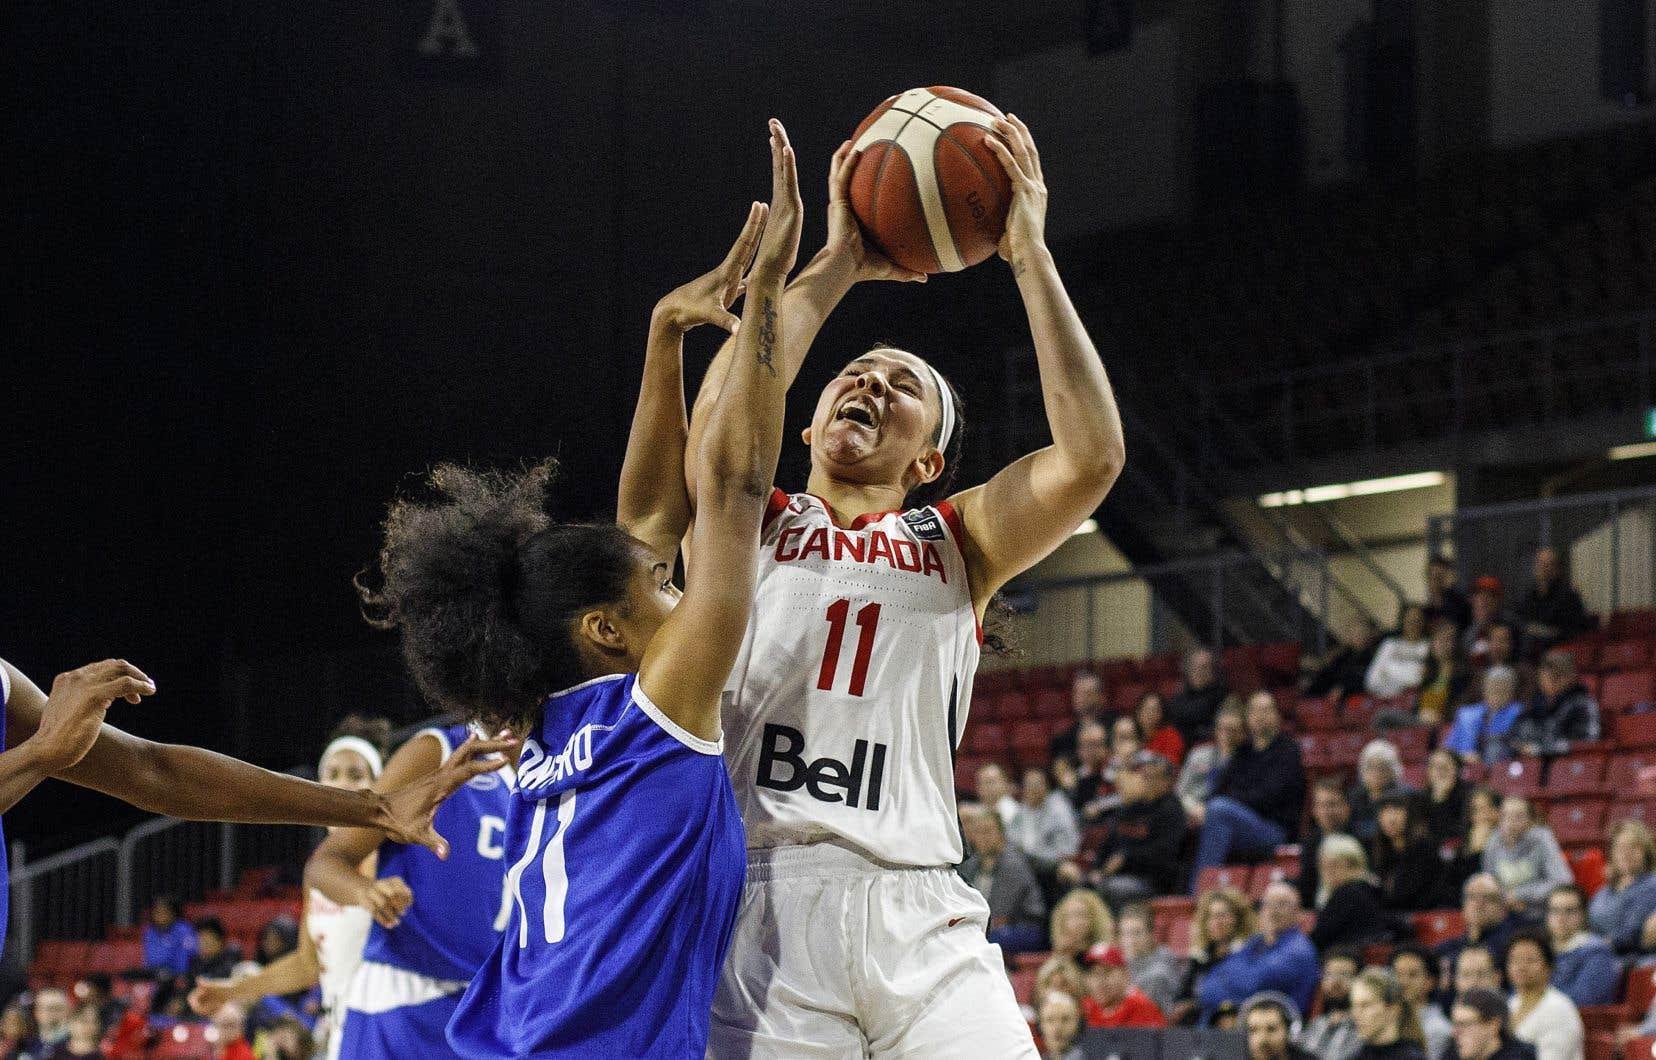 Dans ce match de qualification contre la Suède, Natalie Achonwa (que l'on voit ici dans un match contre Cuba en novembre) a marqué 24 des 80 points obtenus par les Canadiennes.